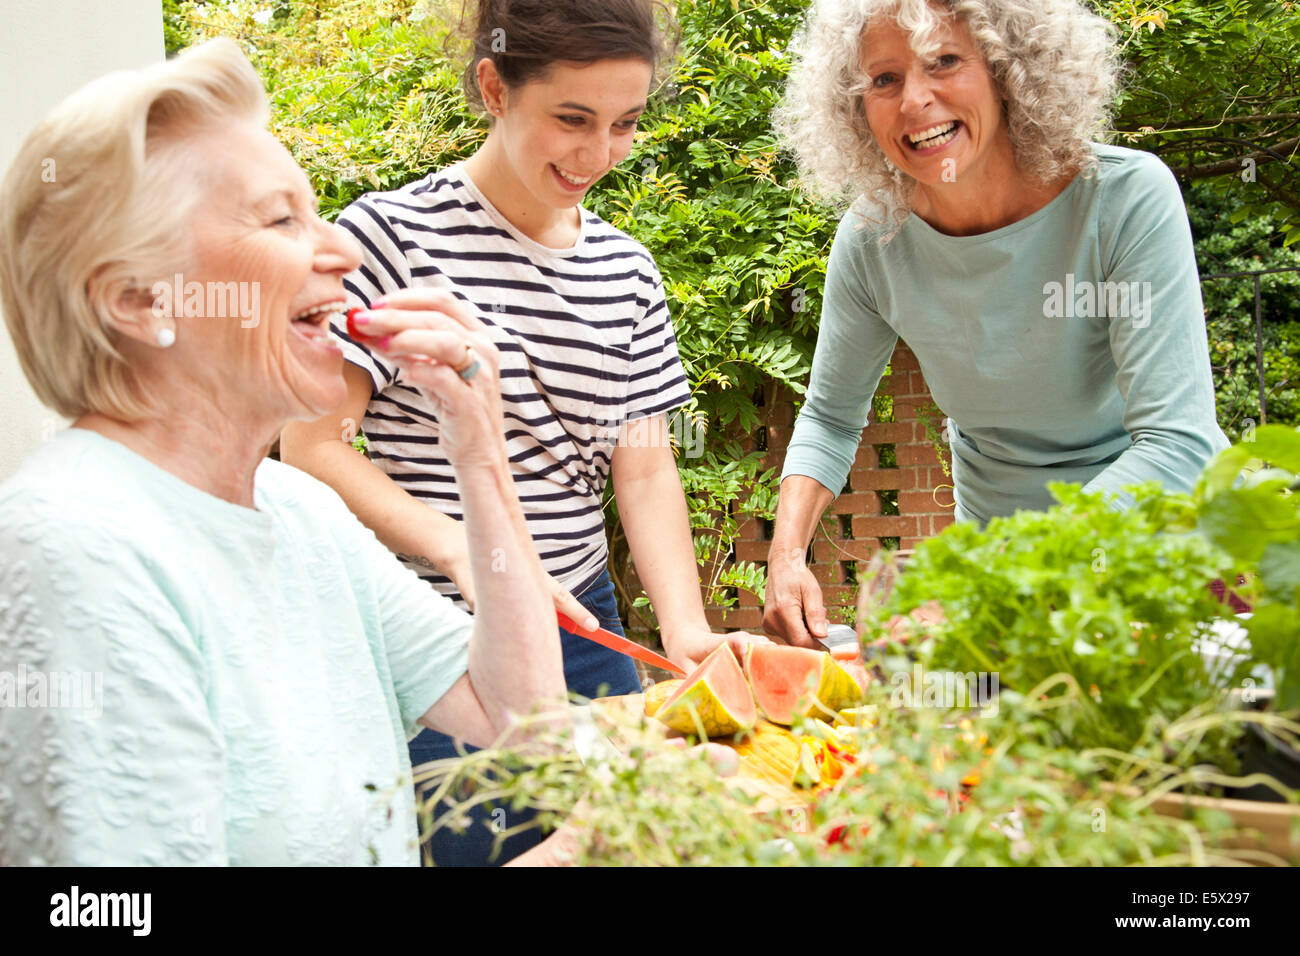 Trois femmes de préparer des aliments à table de jardin Photo Stock